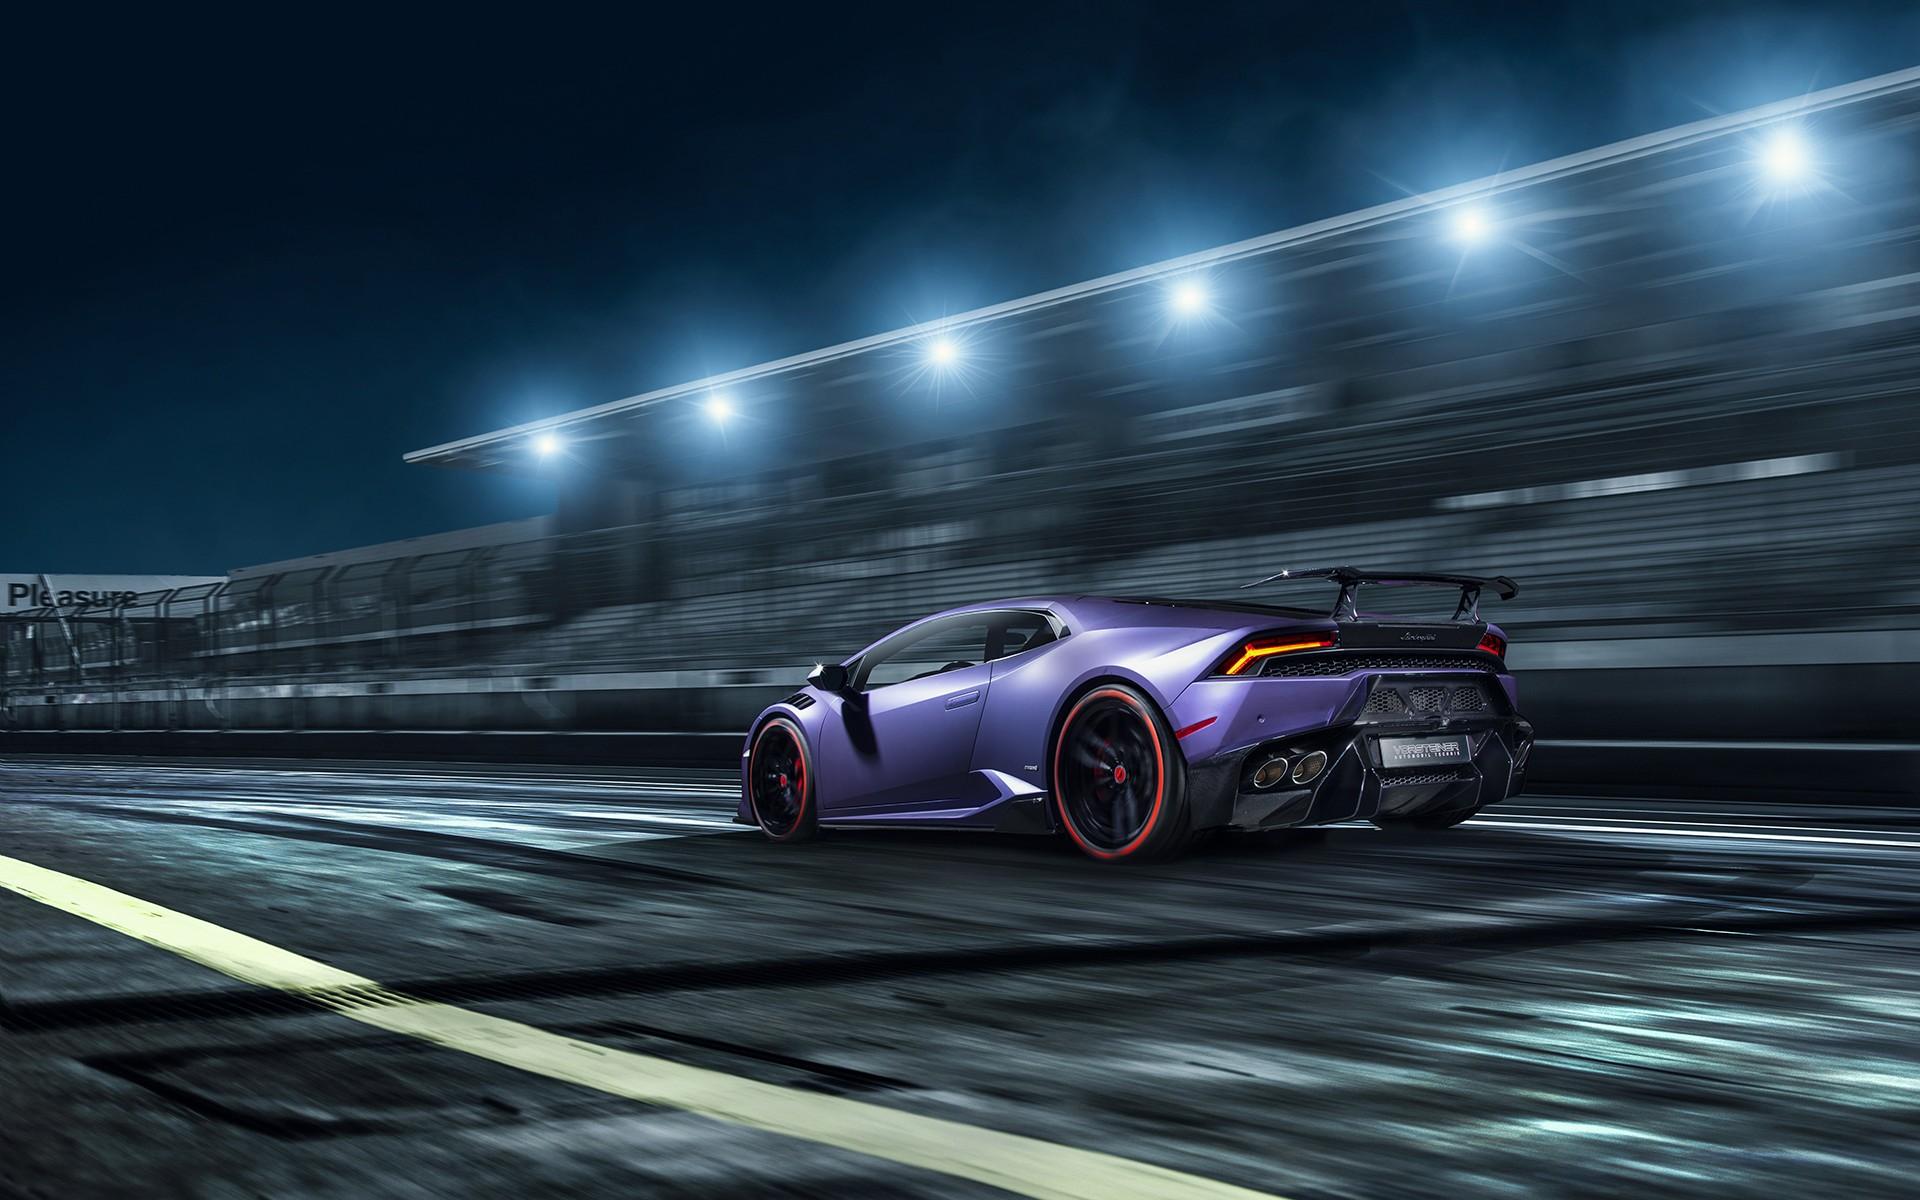 Indian Car Racing Games